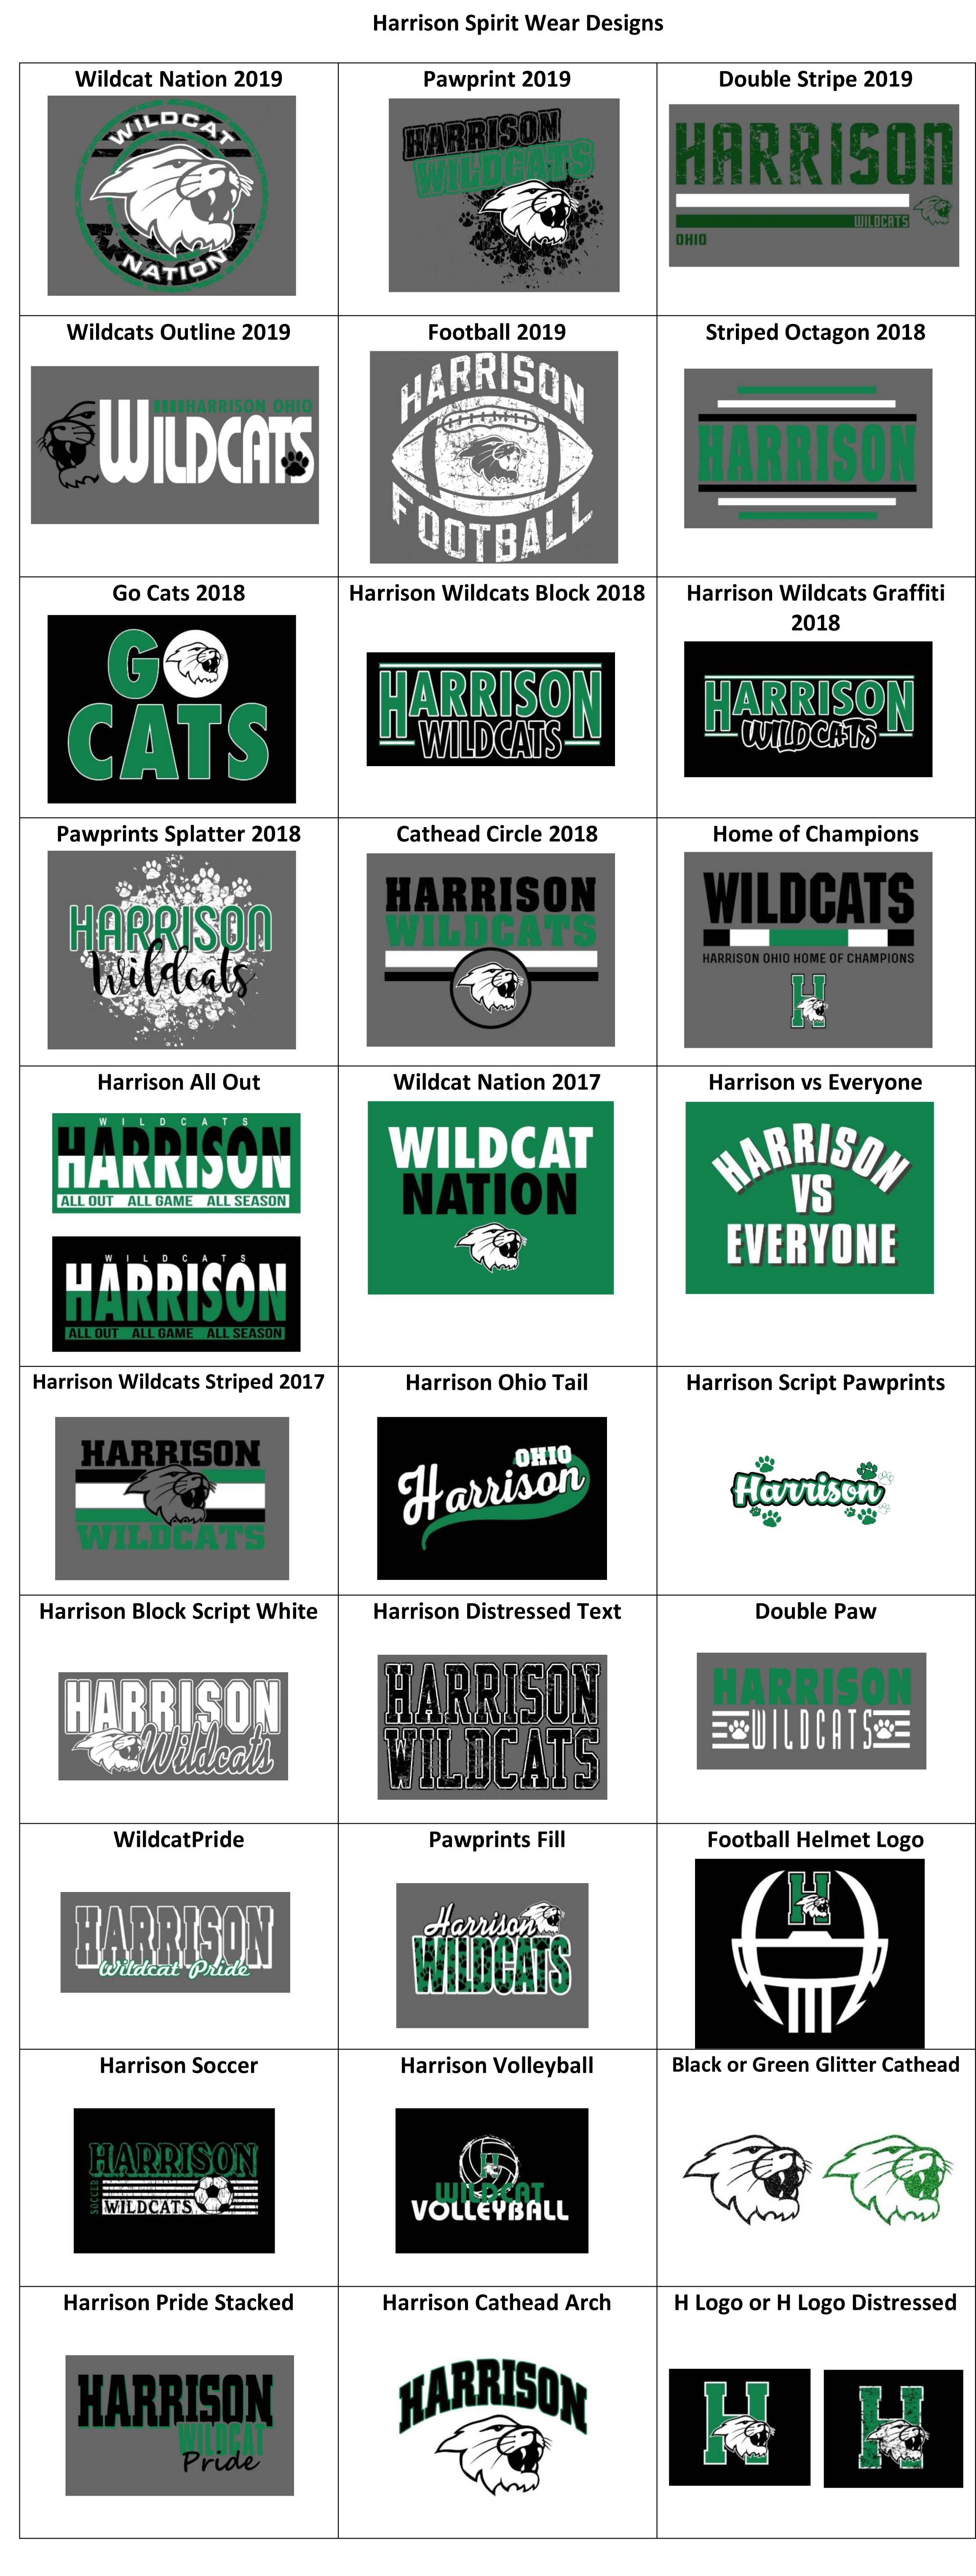 harrison-spirit-wear-design-choices2019website.jpg